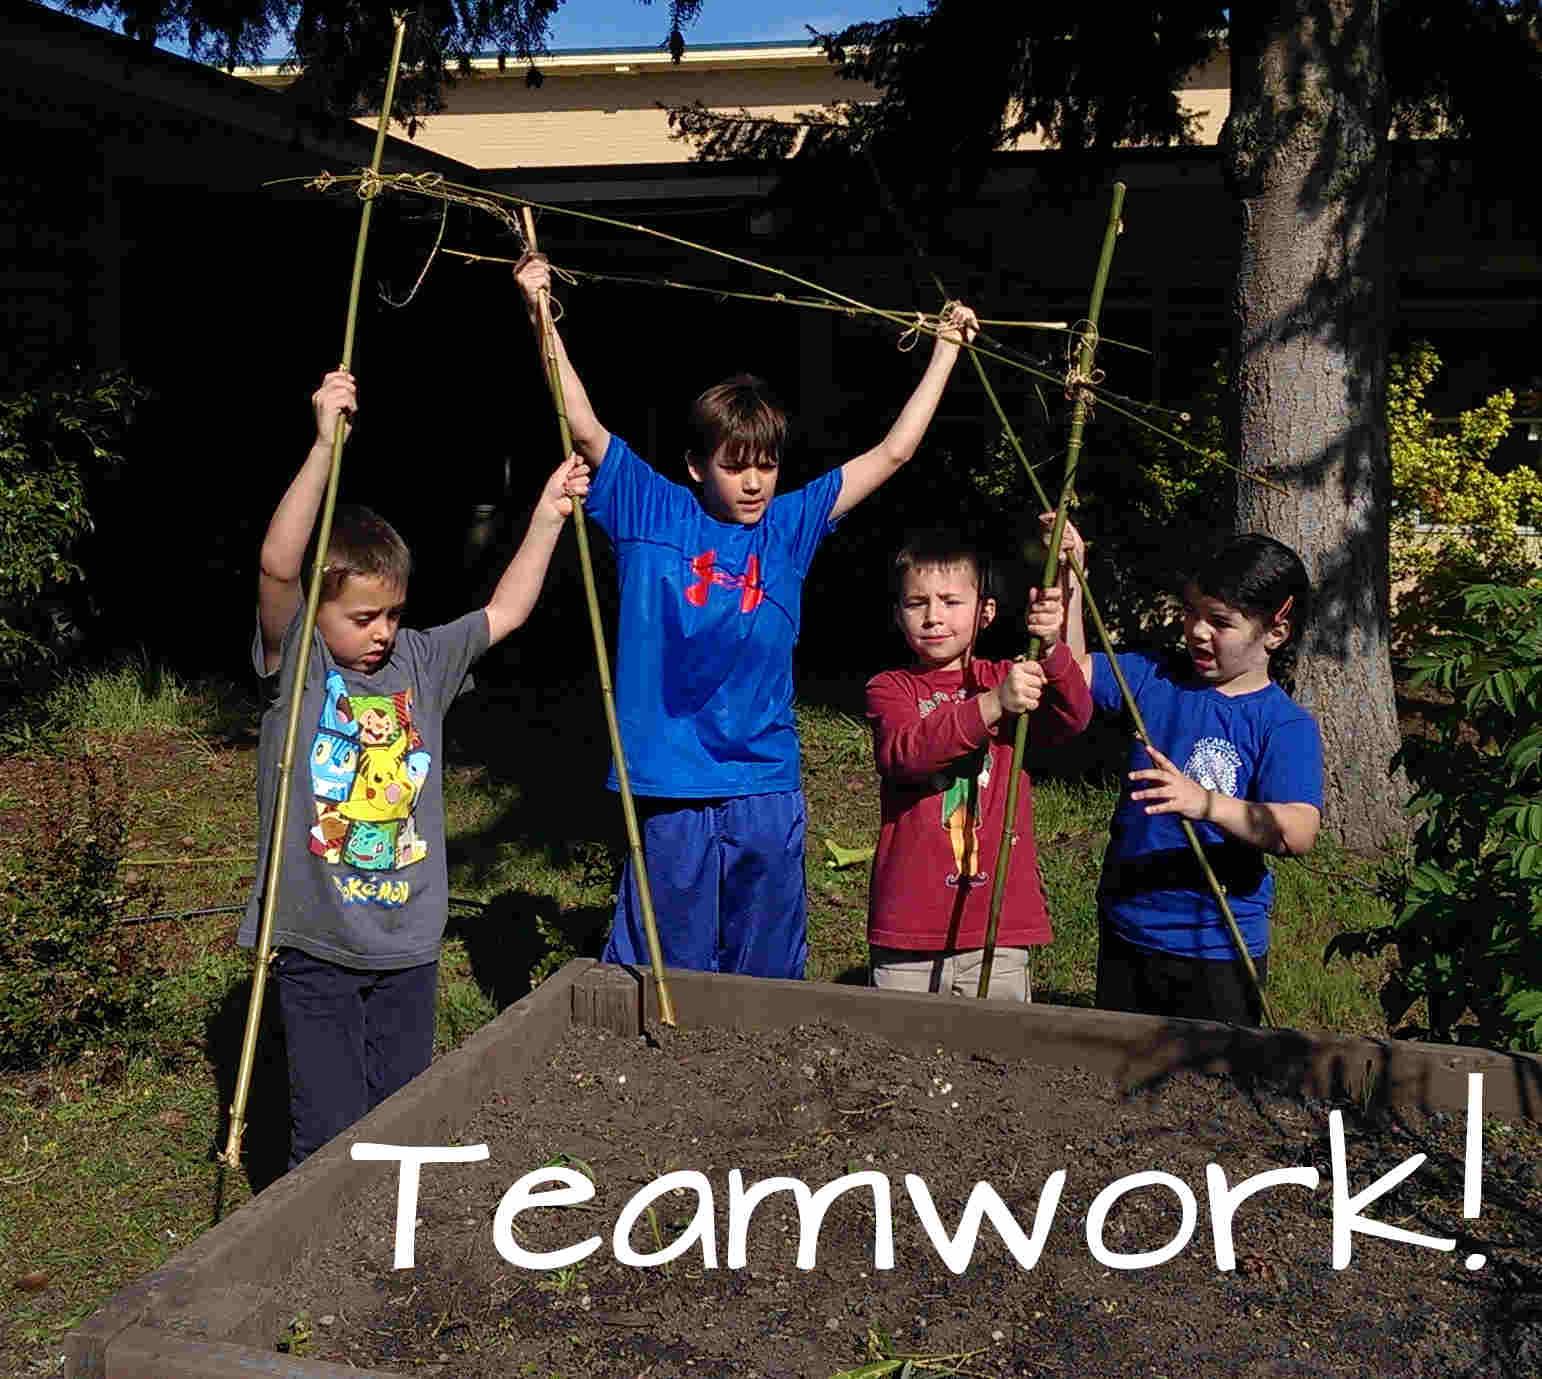 bamboo teamwork